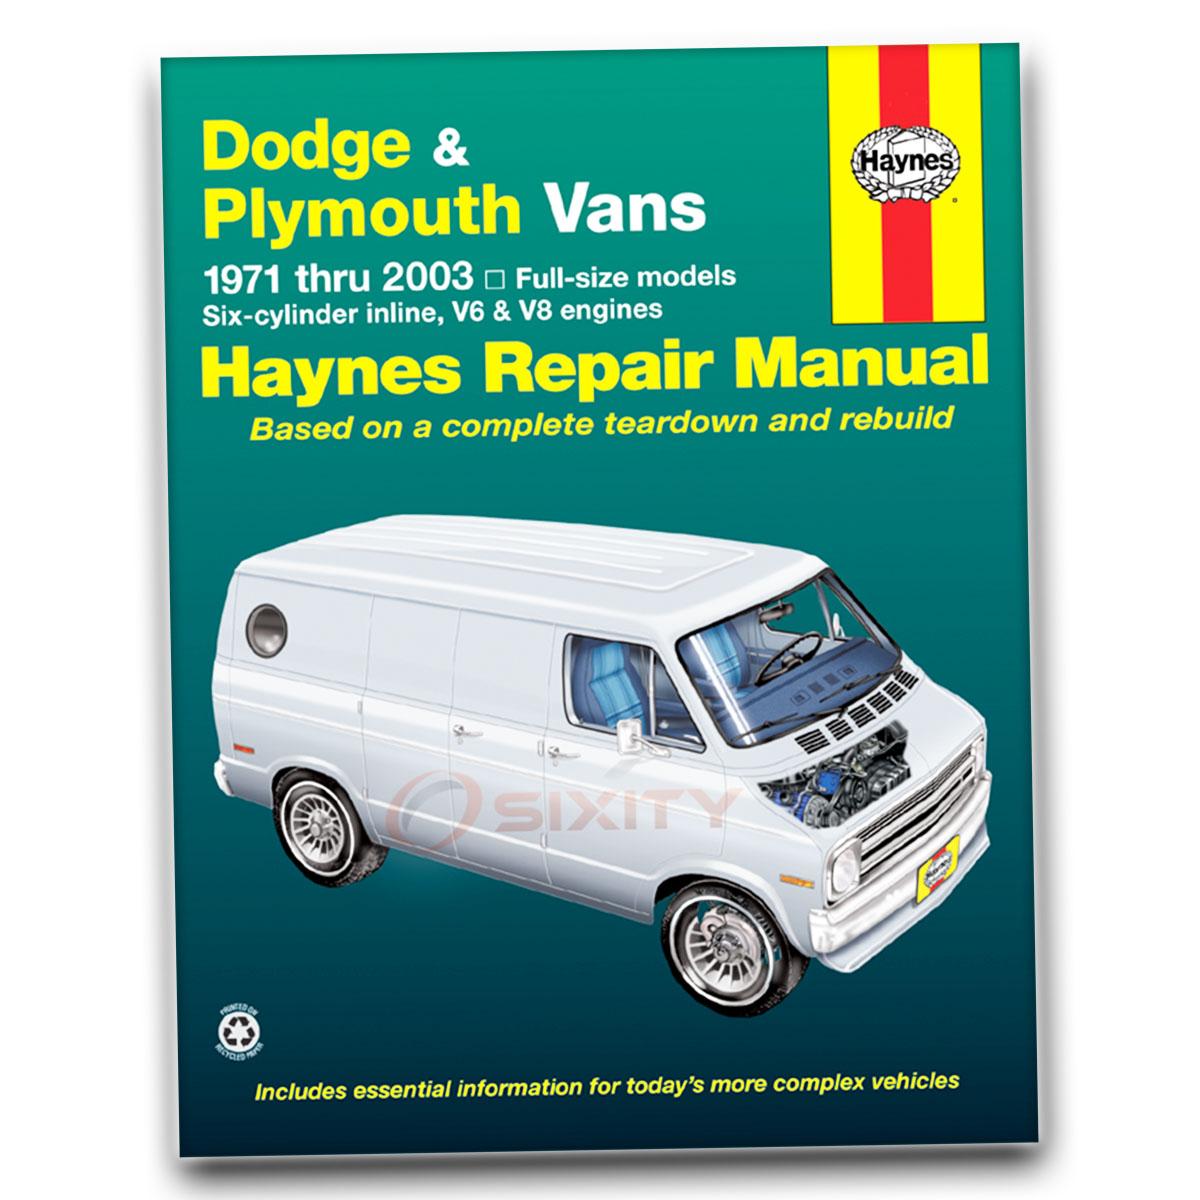 Haynes Repair Manual for Dodge B350 Base Shop Service Garage Book ij